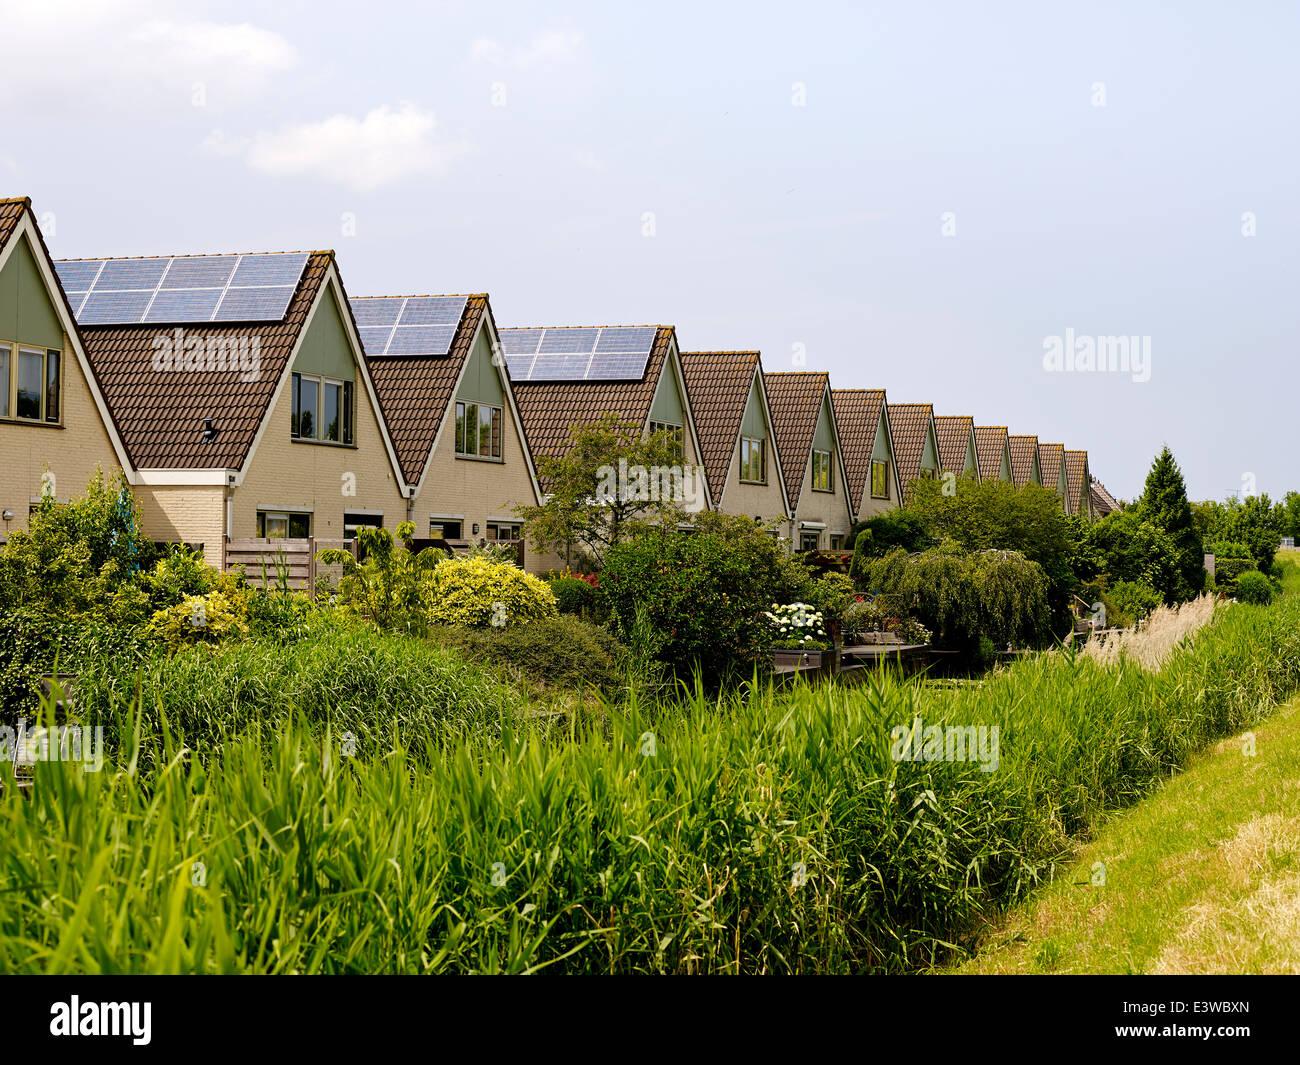 La génération de l'énergie solaire en plaçant des panneaux solaires sur les maisons, Pays Photo Stock